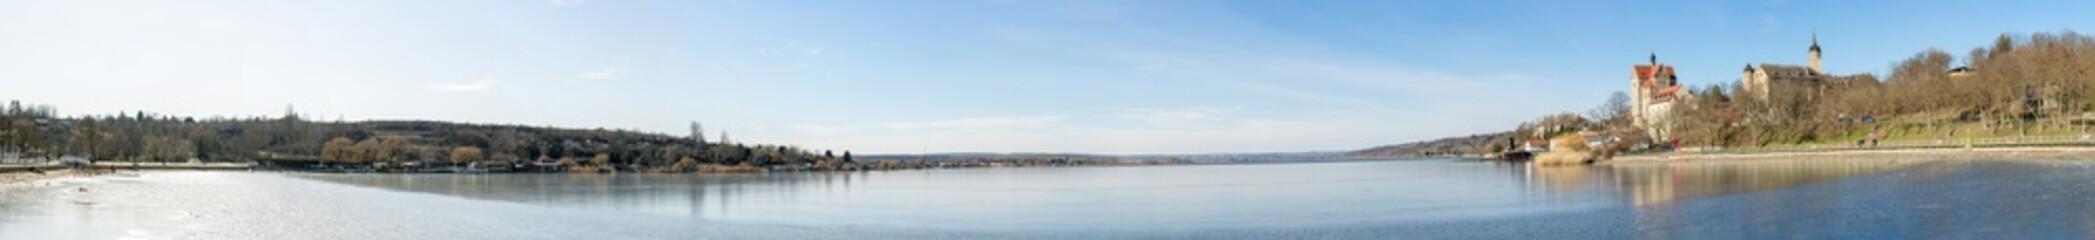 Riesiges Panorama der Uferpromenade am Süßen See in Seeburg in Deutschland